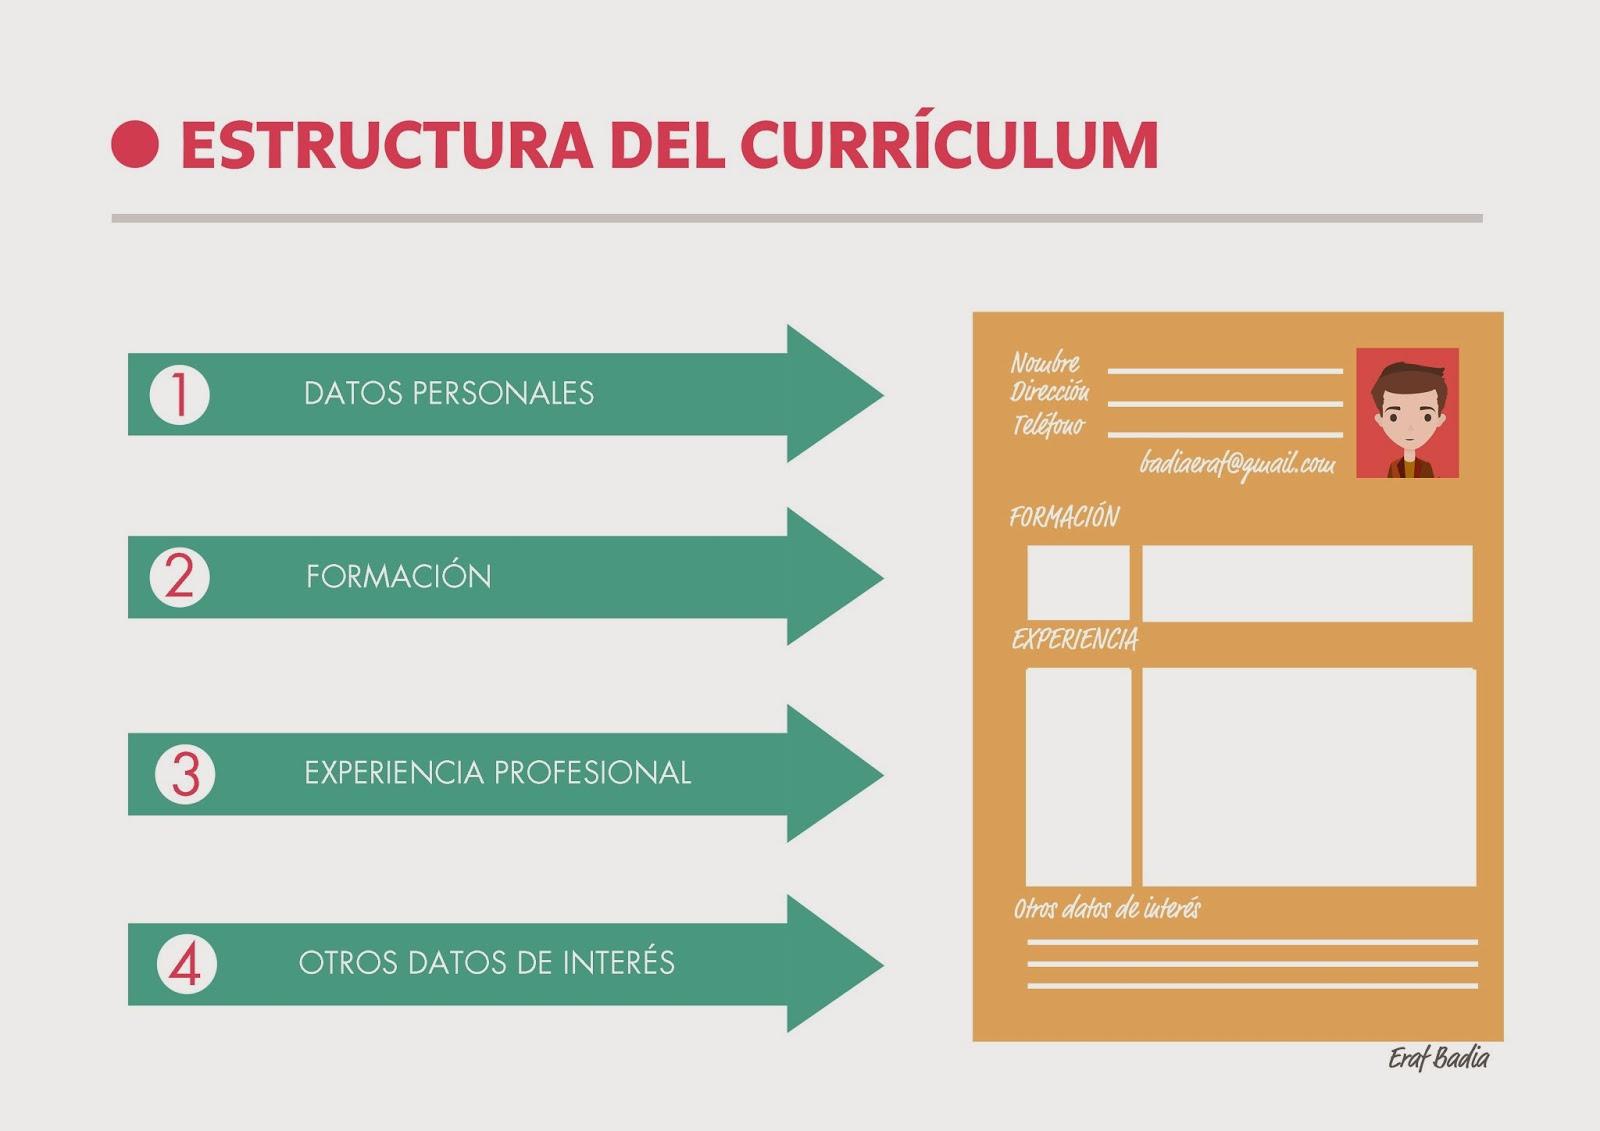 Estructura del currículm